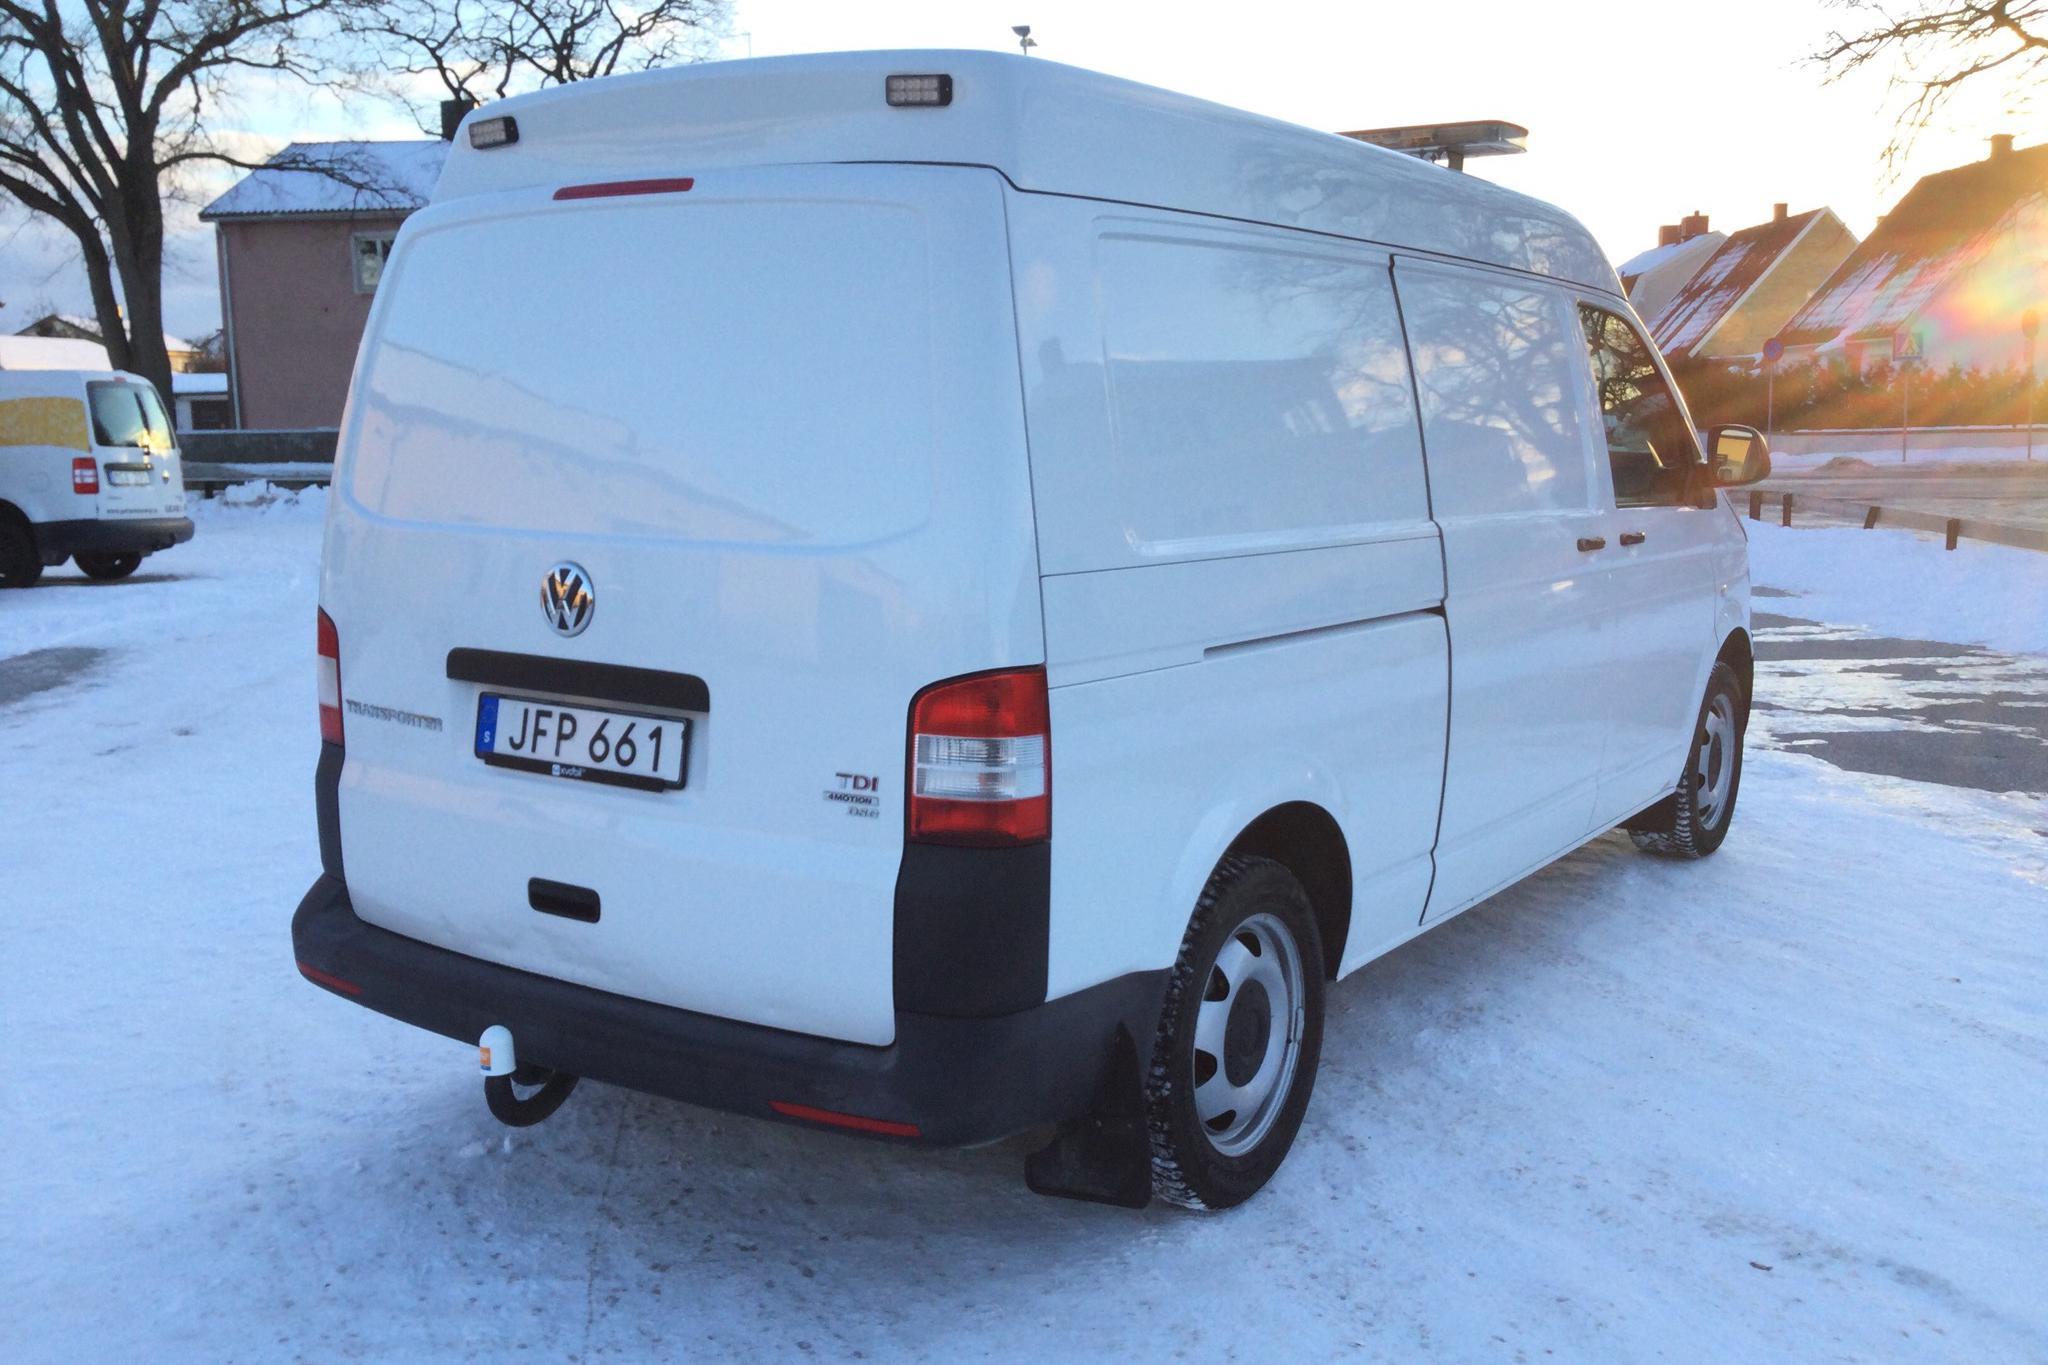 VW Transporter T5 2.0 TDI 4MOTION (180hk) - 11 067 mil - Automat - vit - 2014